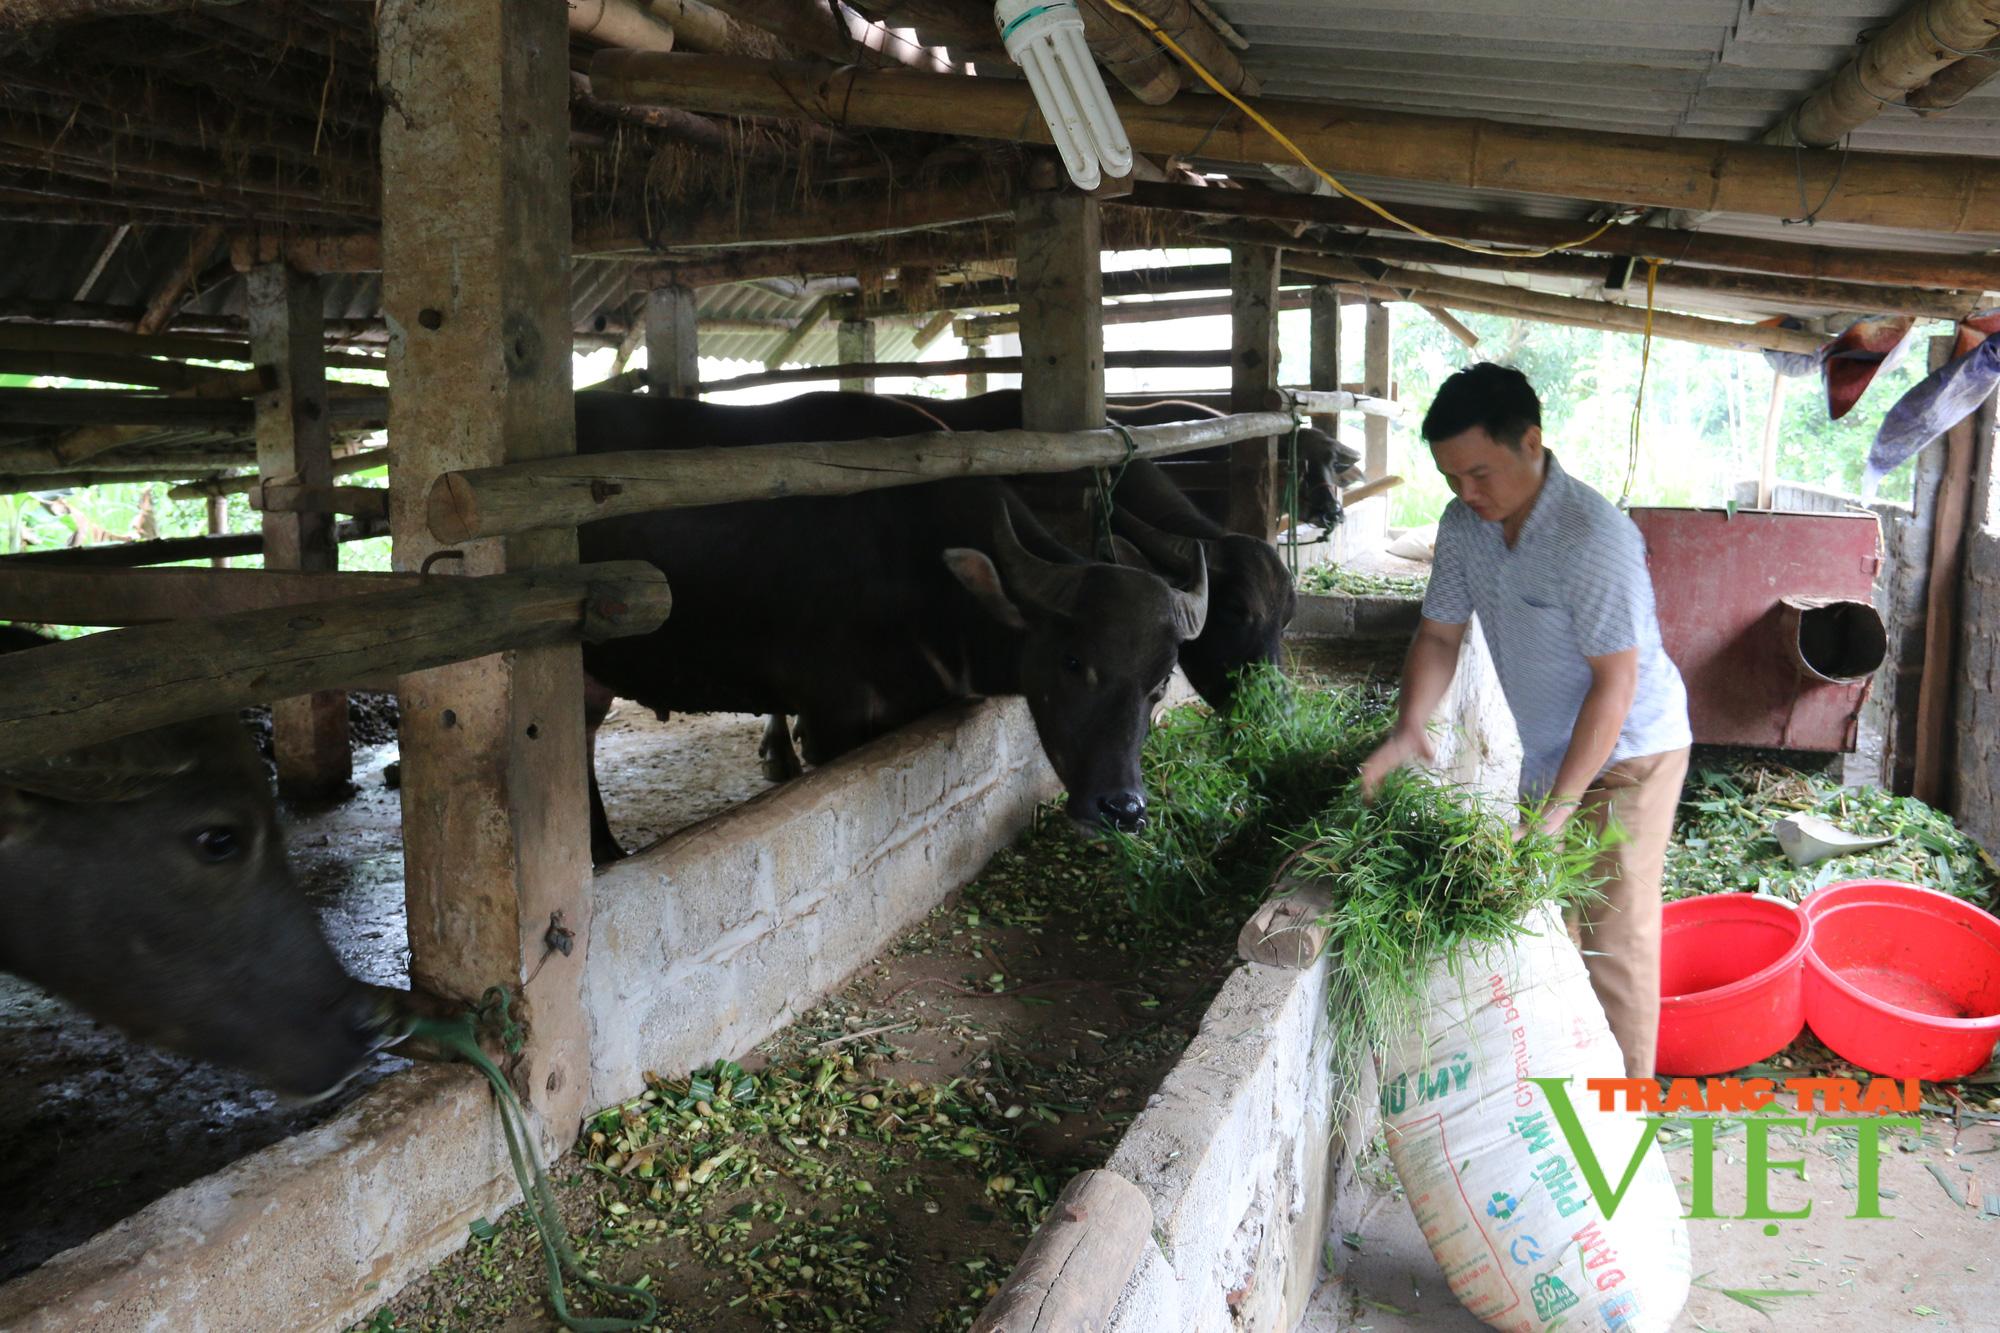 Hội Nông dân tỉnh Hoà Bình: Tập huấn, hỗ trợ hội viên phát triển kinh tế - Ảnh 6.